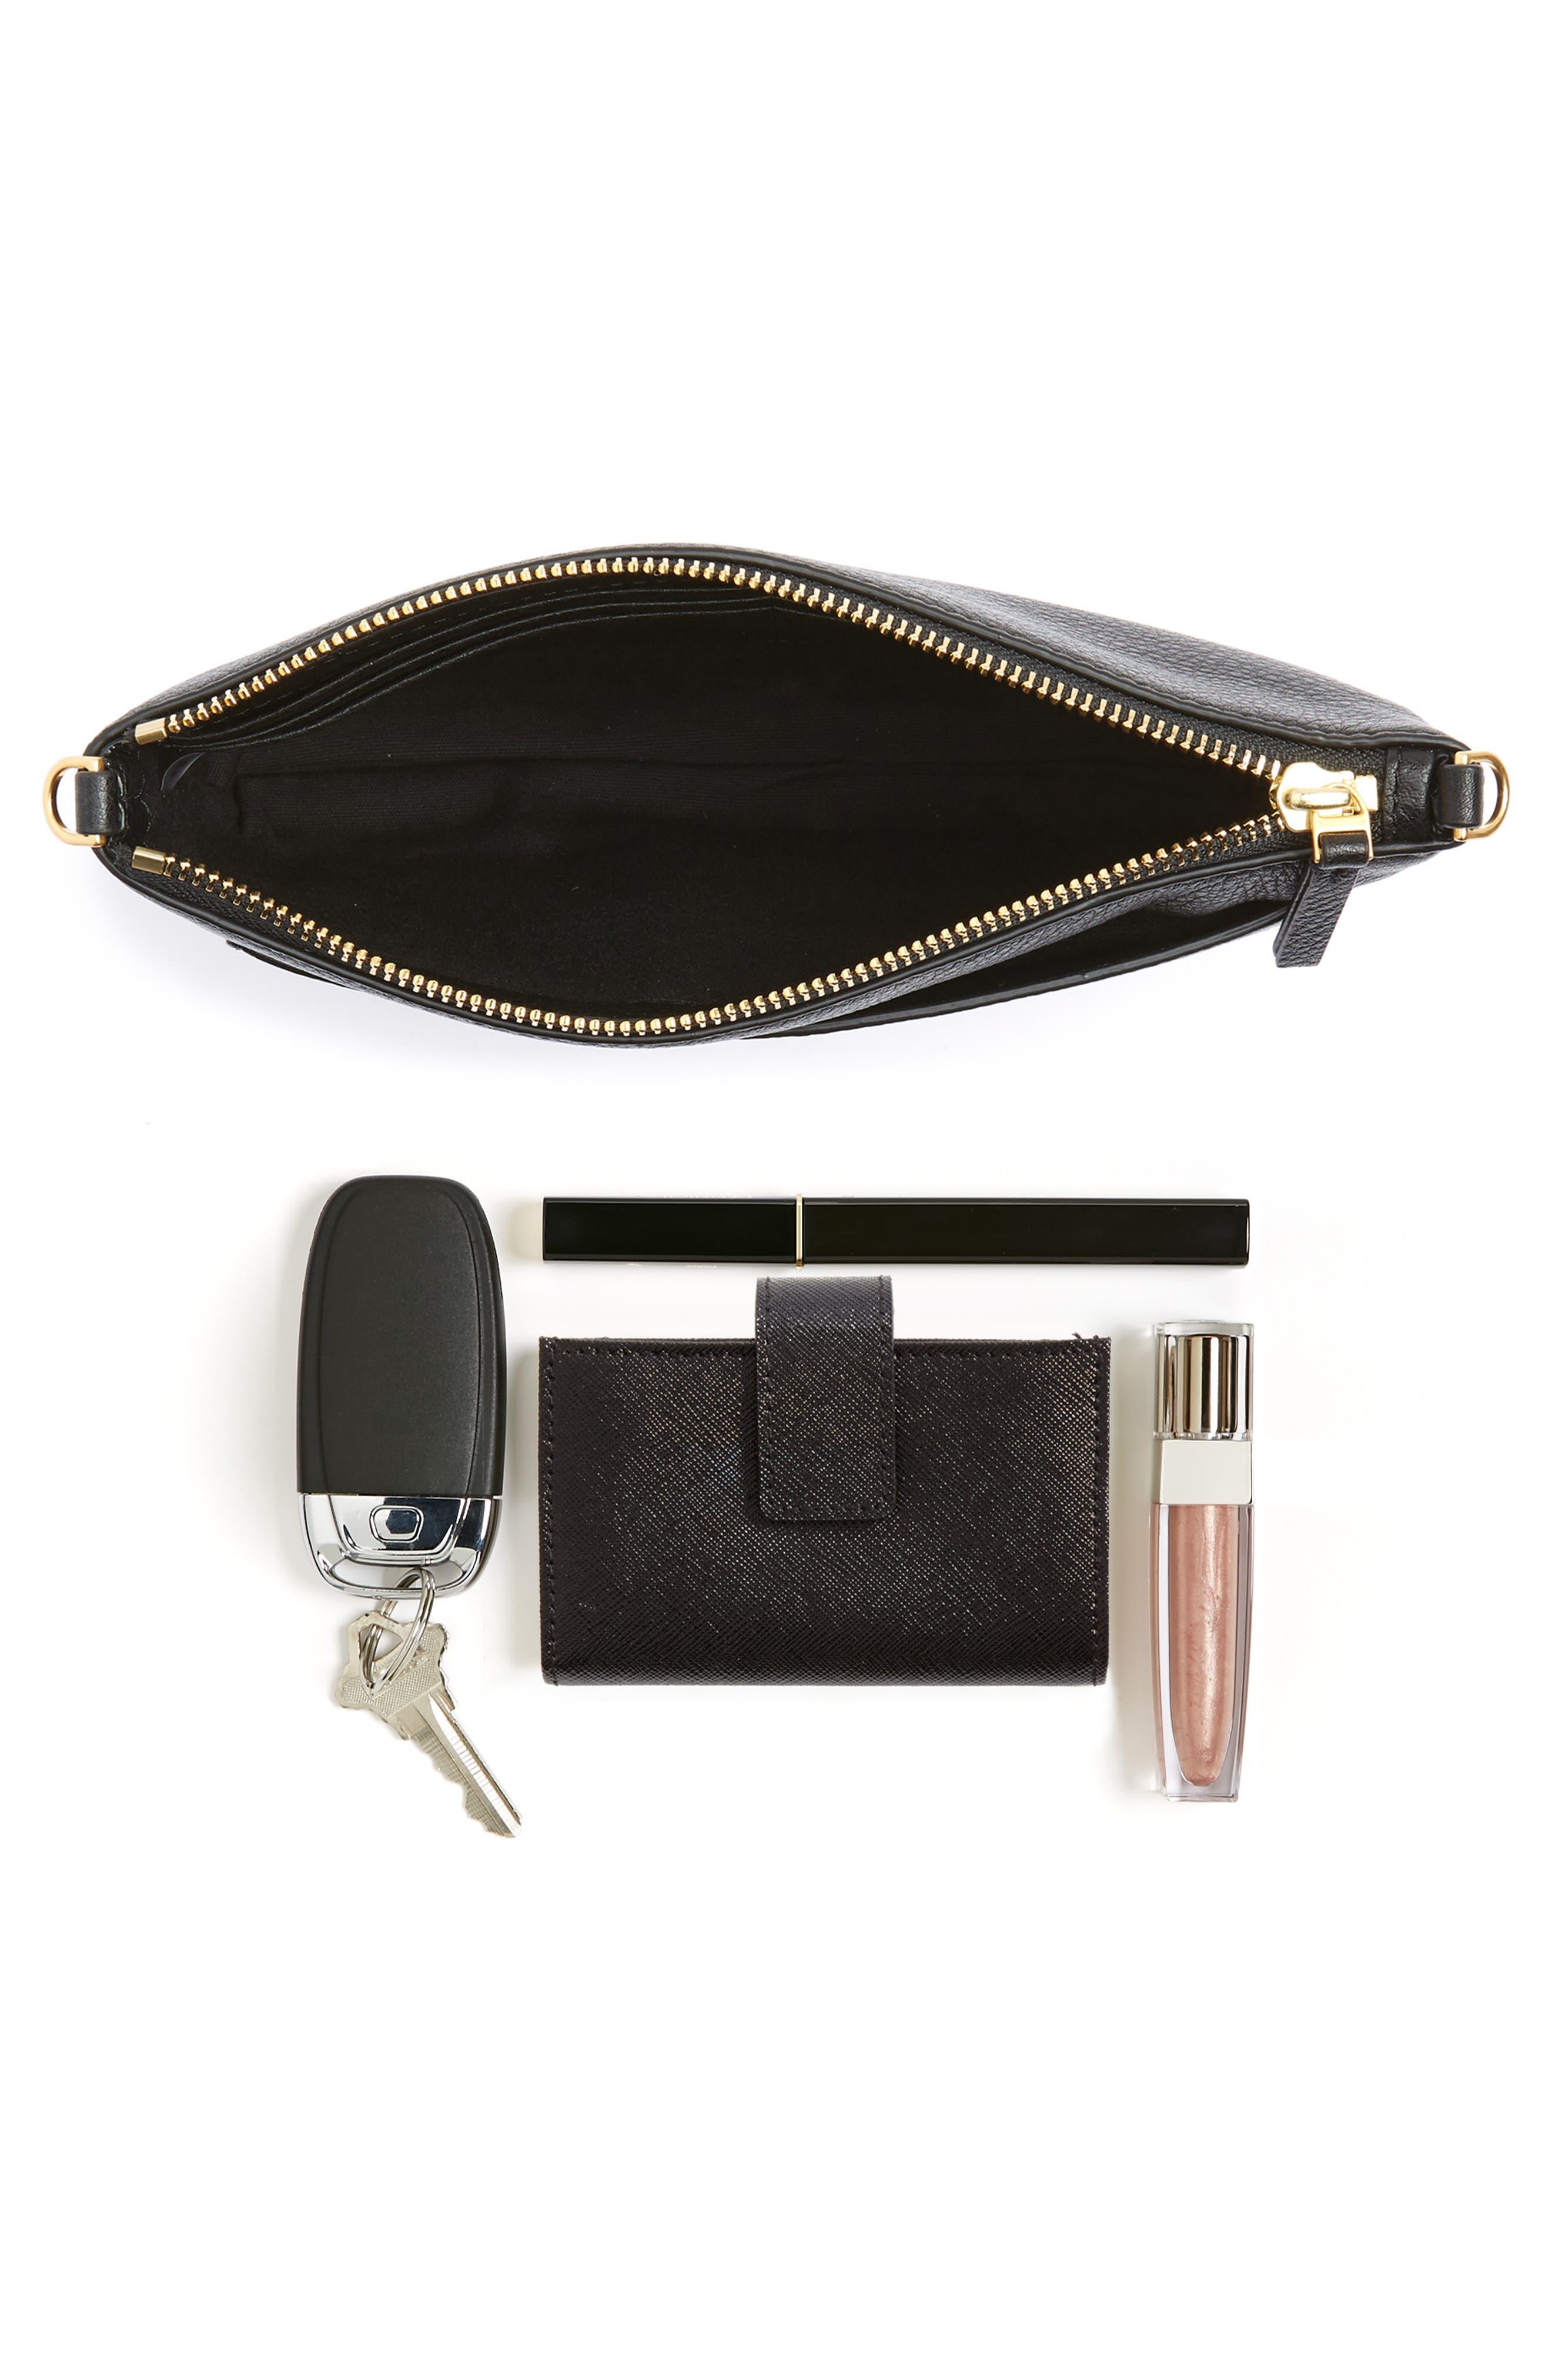 Tassel Leather Crossbody Bag,                             Alternate thumbnail 7, color,                             BLACK